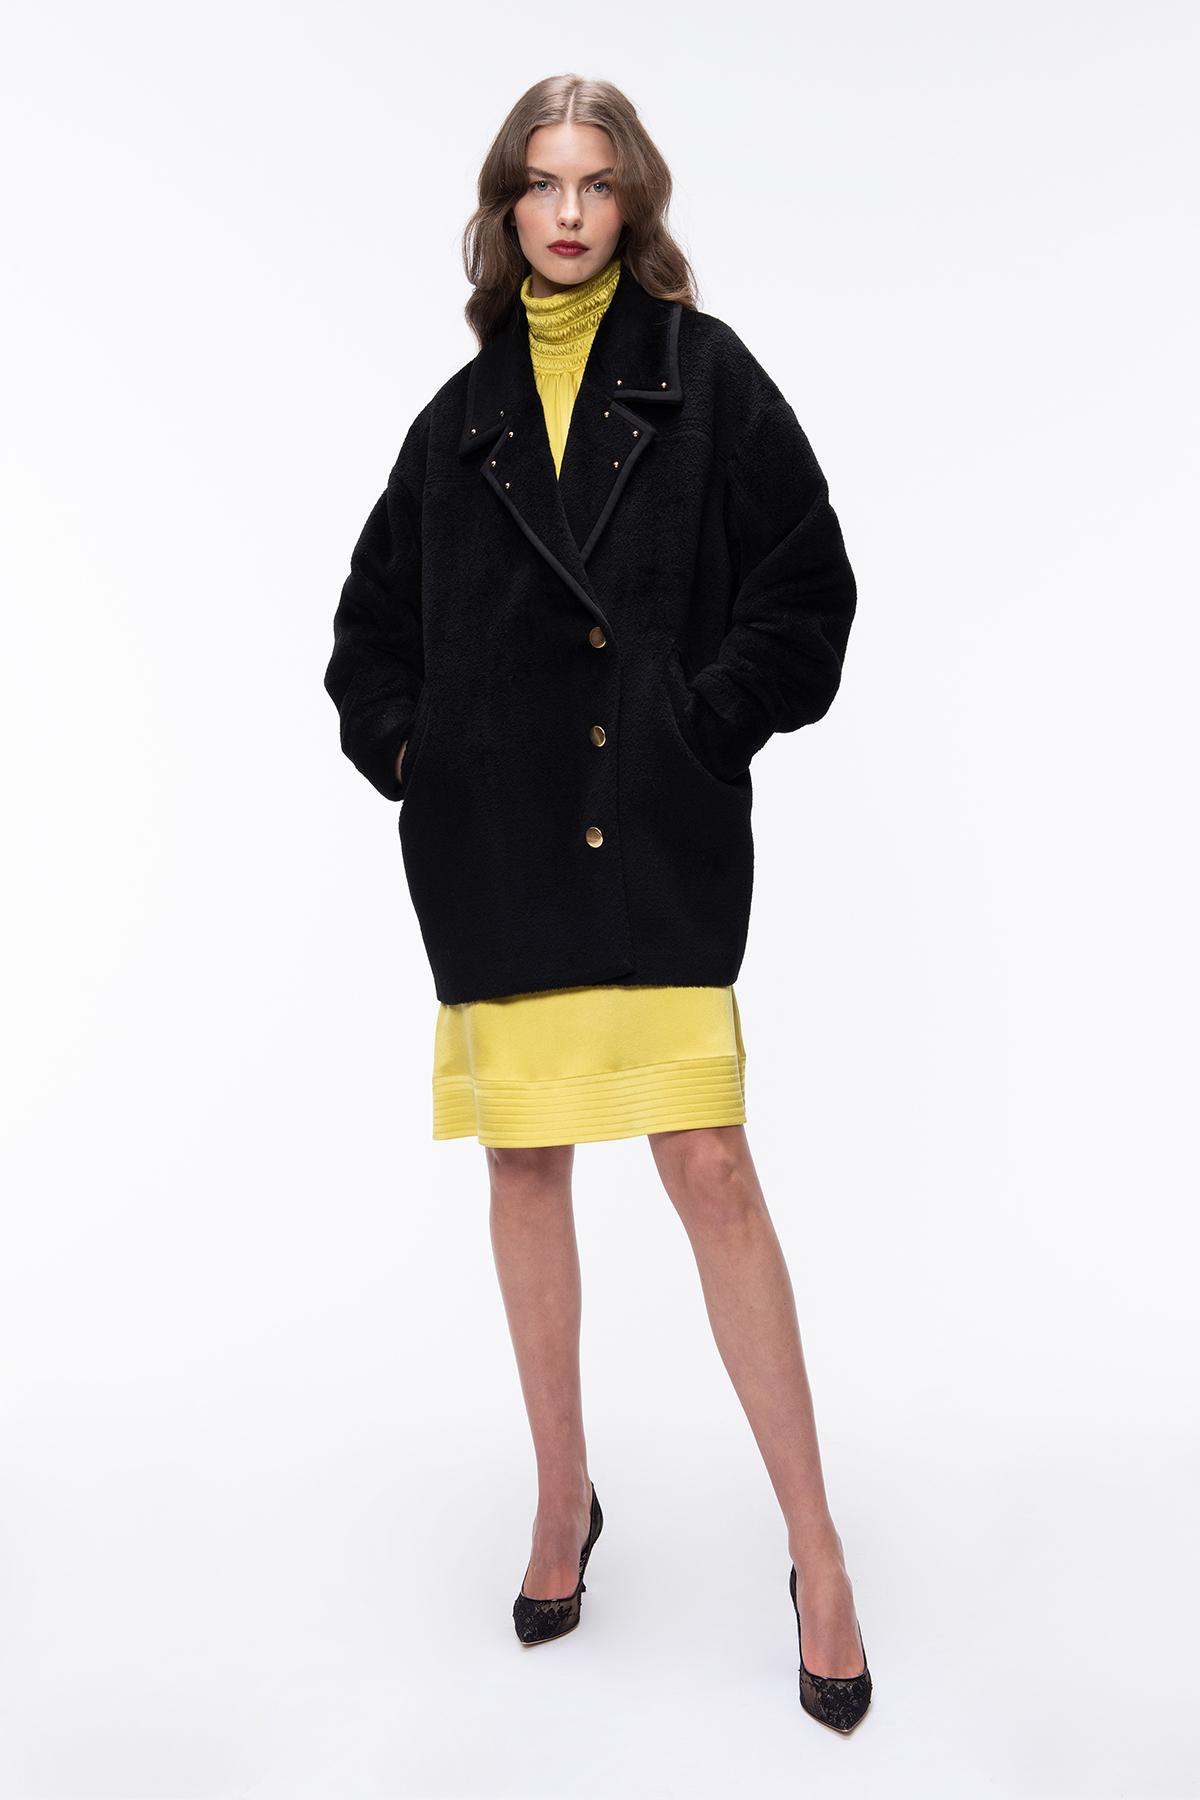 Black Wool Coats